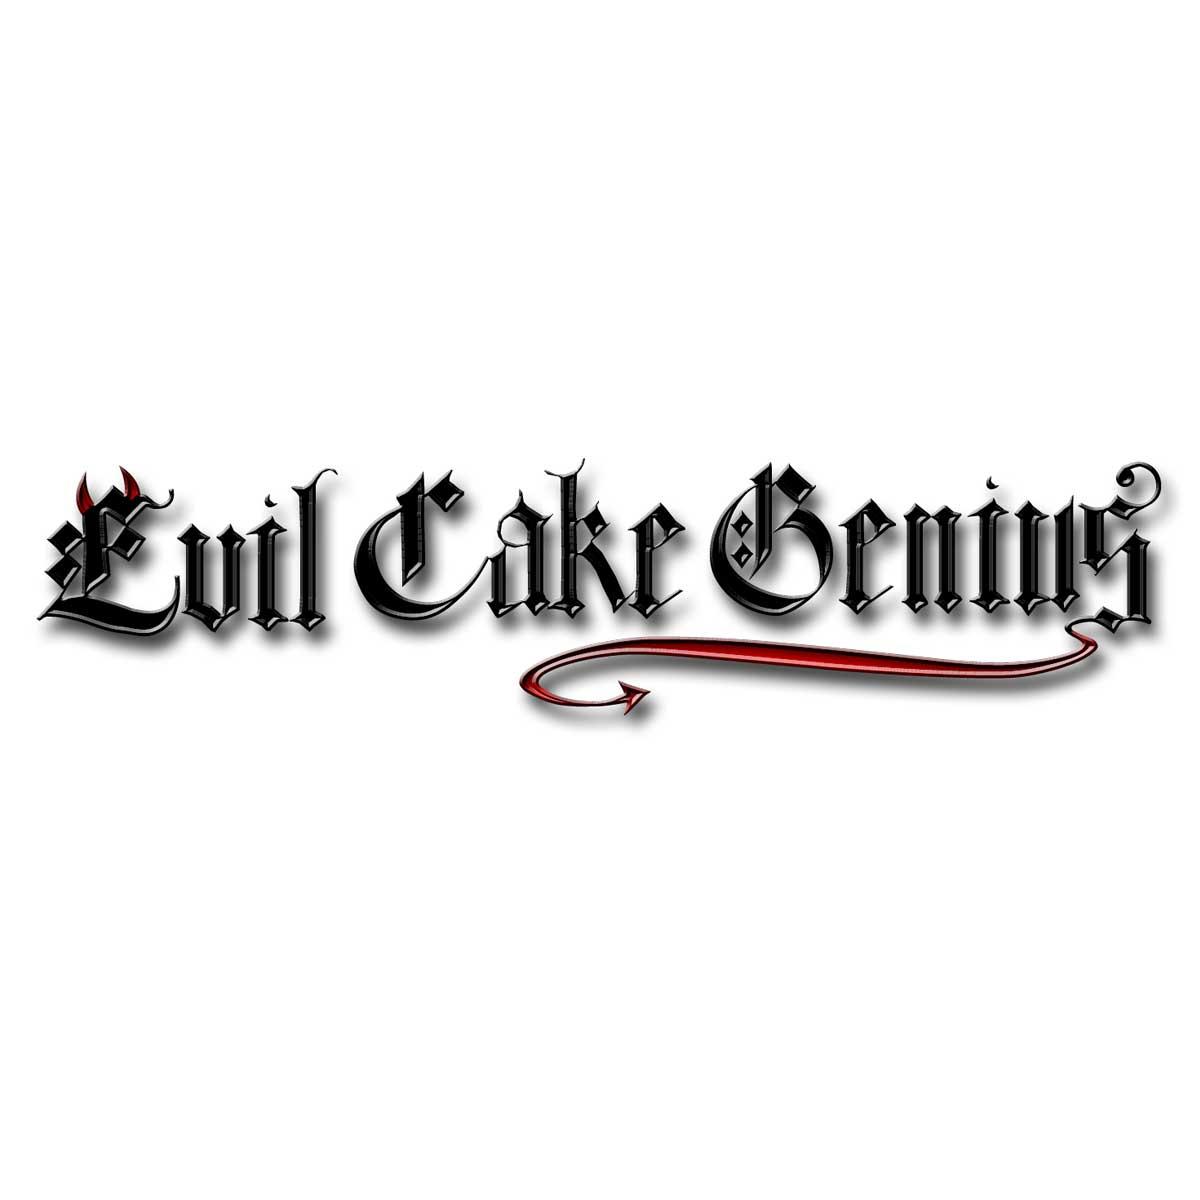 Calligraphy Alphabet Mesh Stencil Set Evil Cake Genius